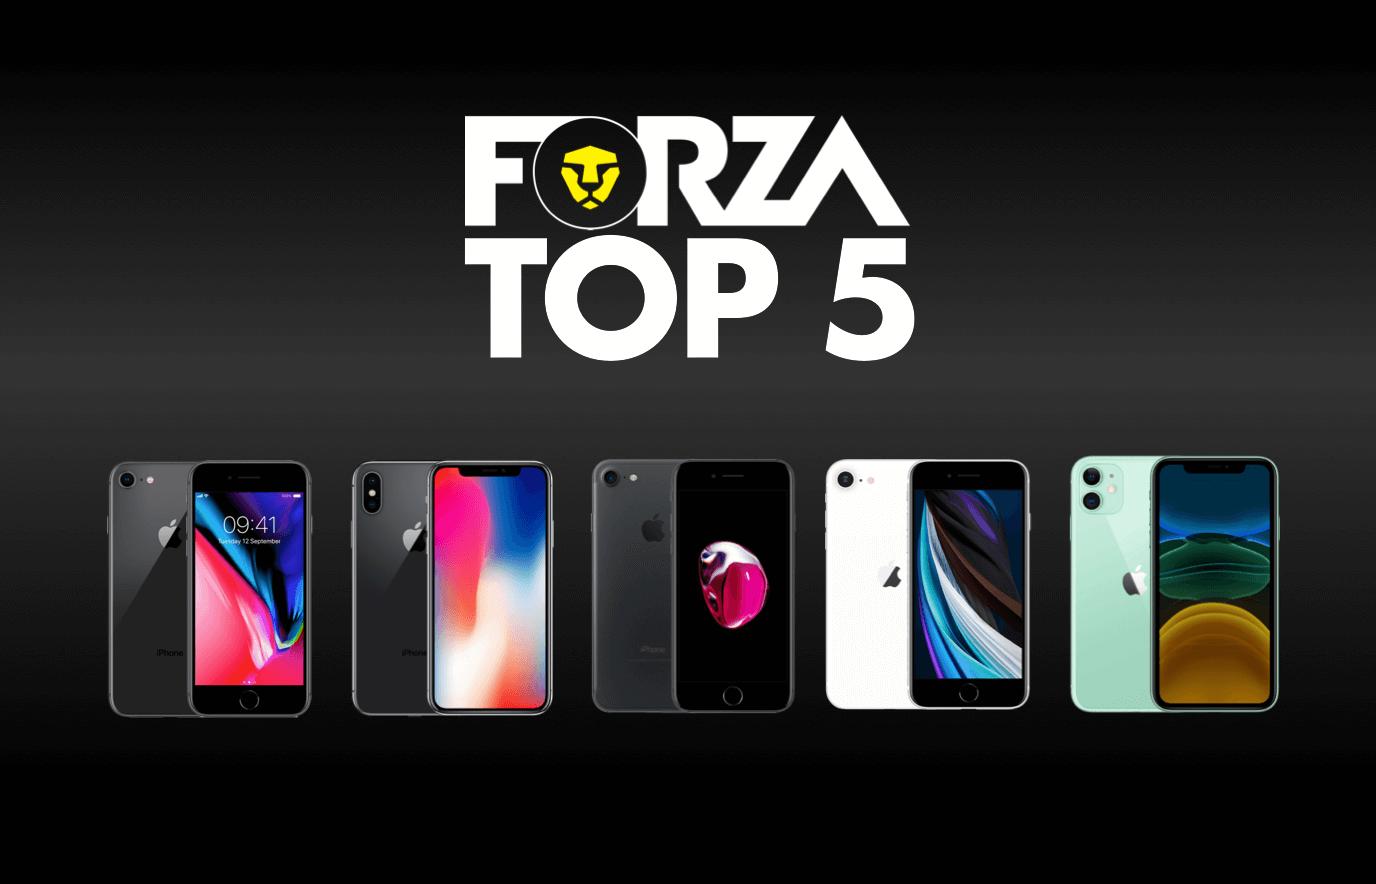 Forza refurbished top 5 iPhones